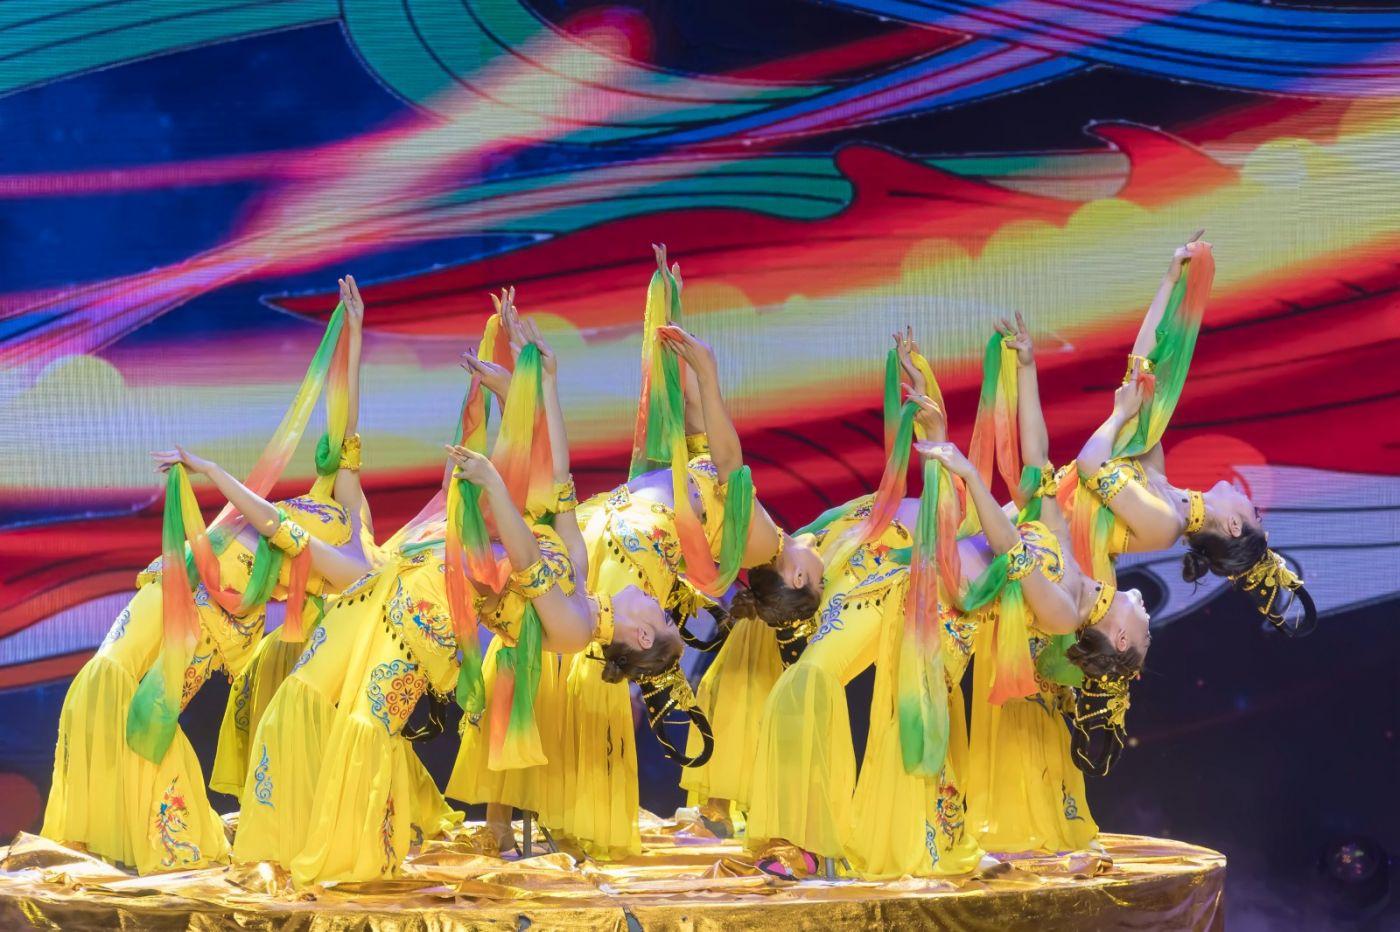 沂蒙大地上 有一种舞蹈叫飞天 这是几位临沂女孩的杰作 美轮美奂 ..._图1-44